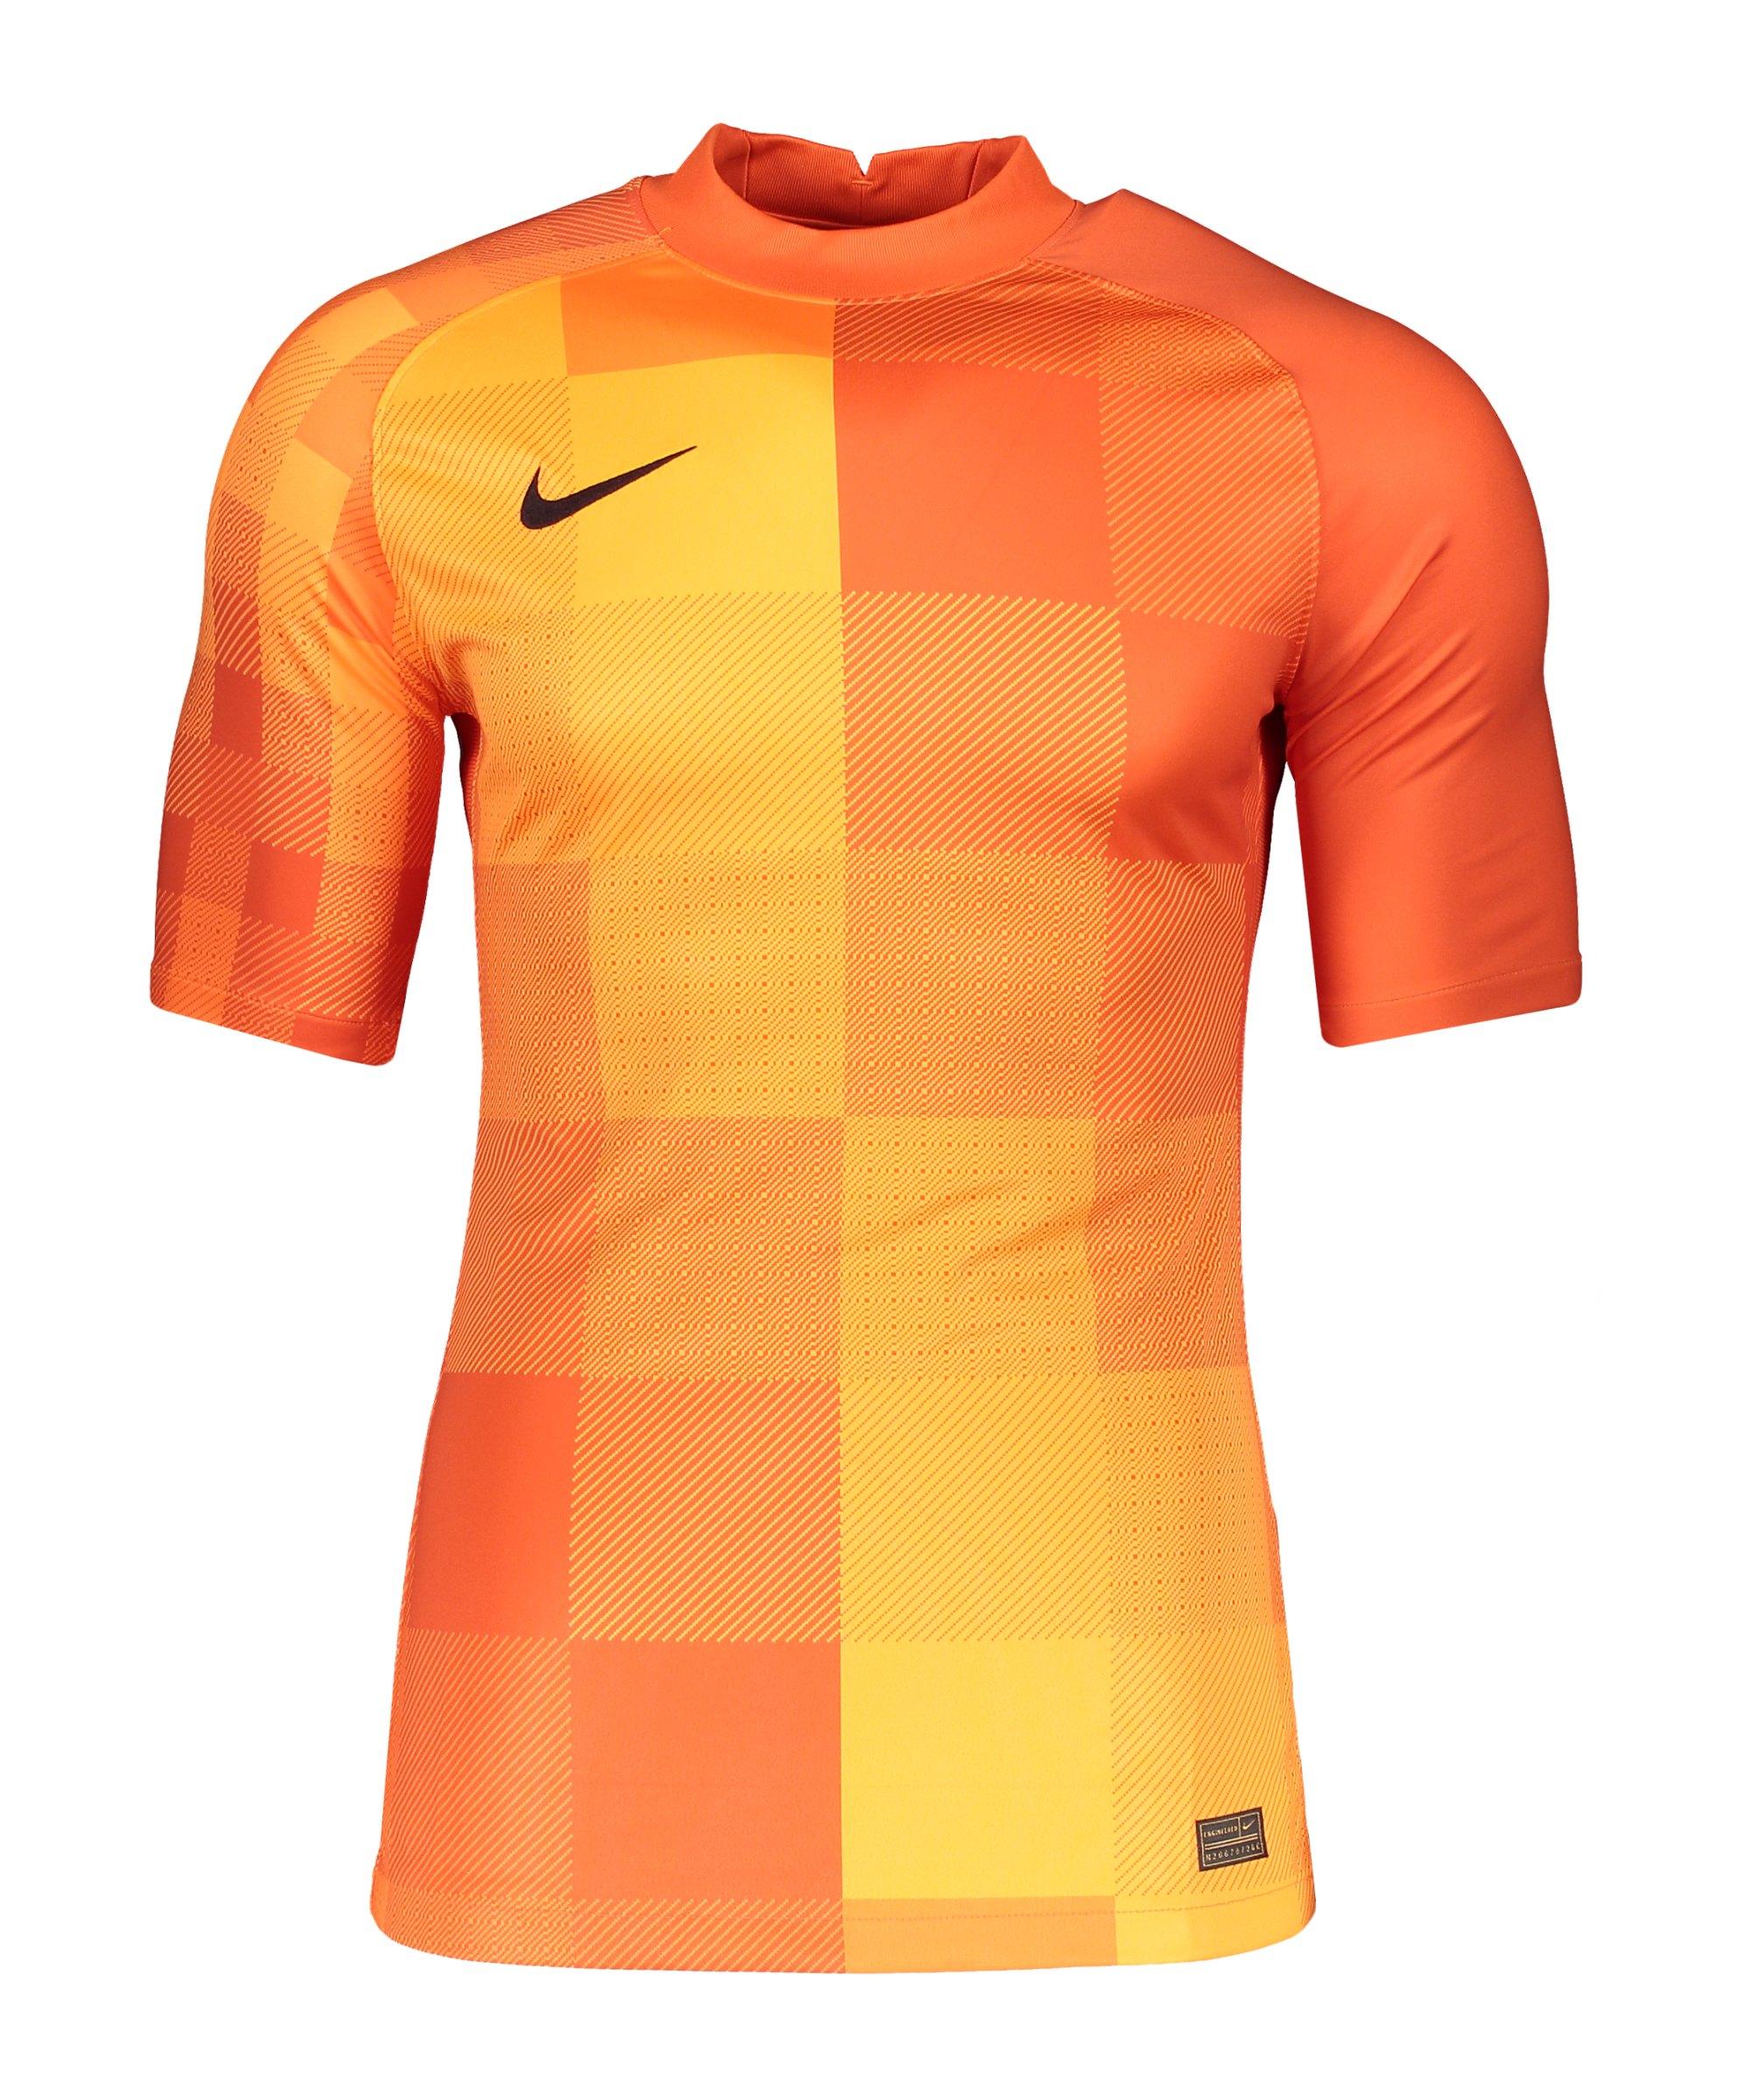 Nike Promo TW-Trikot kurzarm Orange F819 - orange